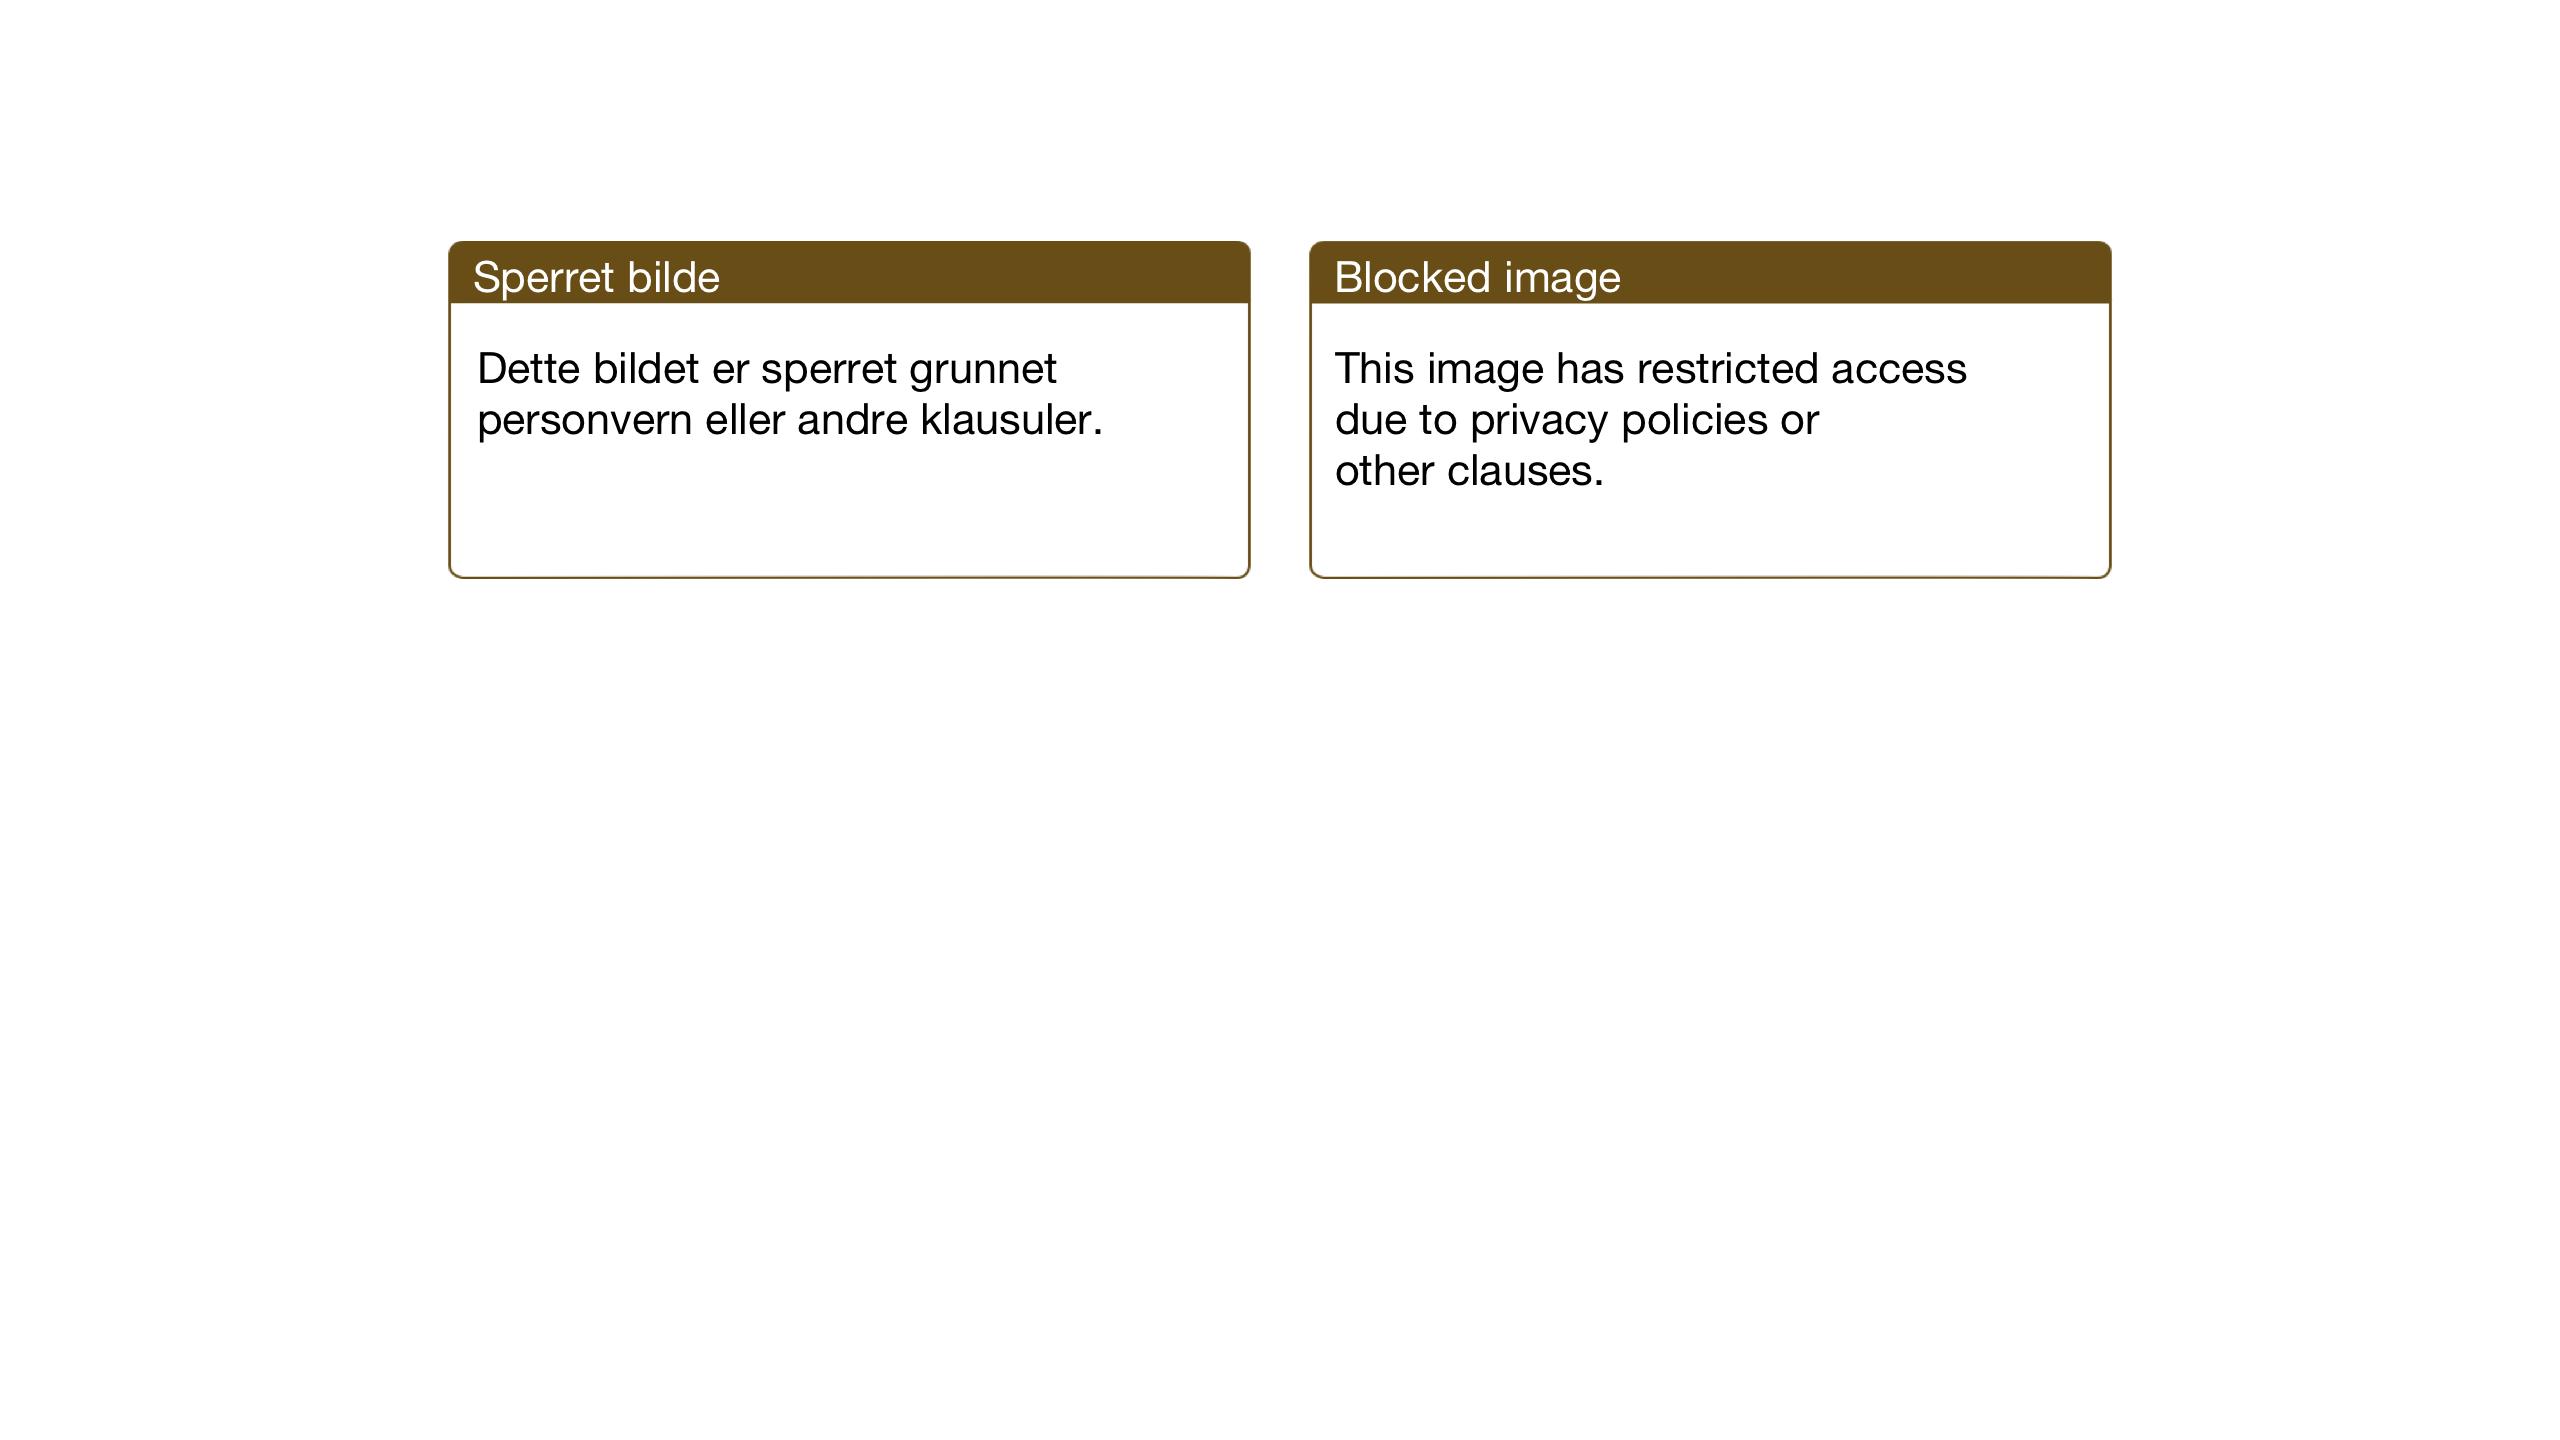 SAT, Ministerialprotokoller, klokkerbøker og fødselsregistre - Nord-Trøndelag, 710/L0097: Klokkerbok nr. 710C02, 1925-1955, s. 155